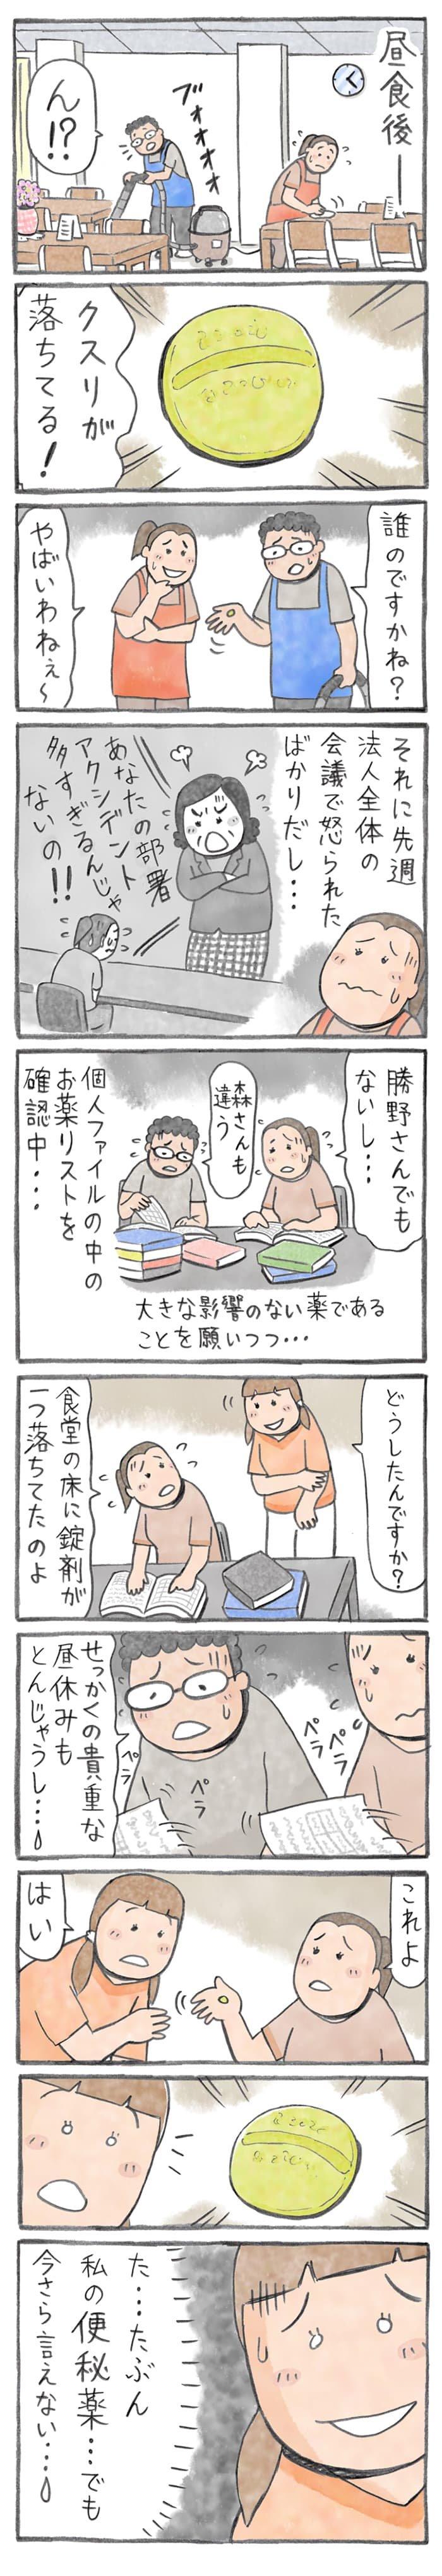 comictohoho_20200923_01.jpg